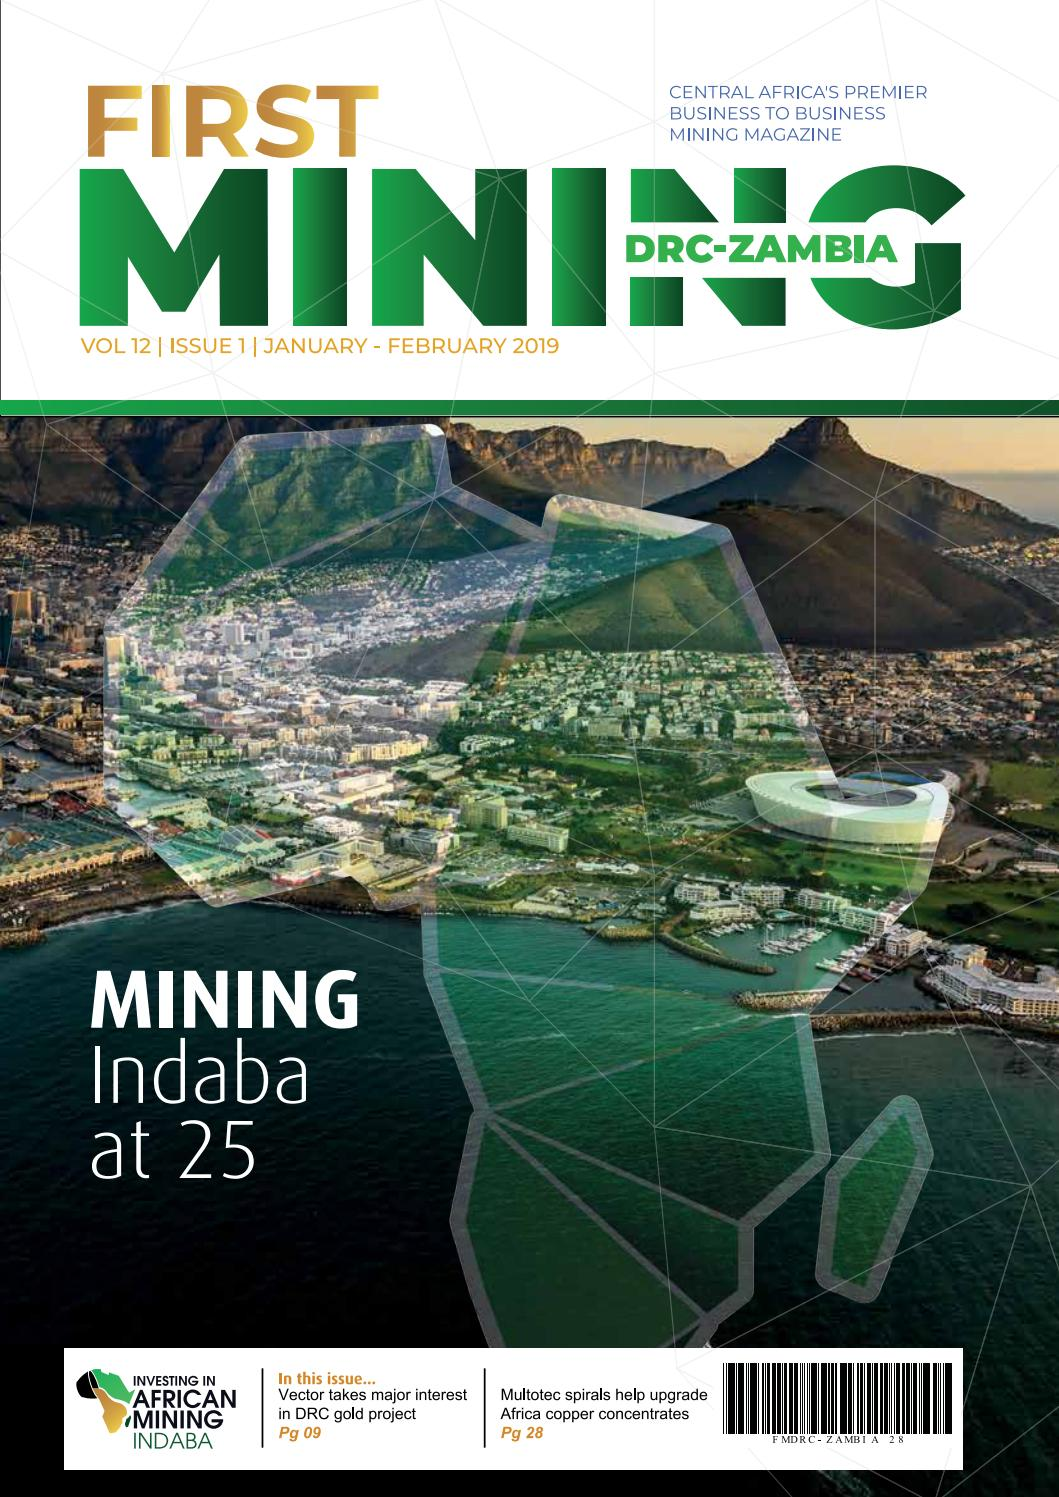 business matchmaking mining indaba